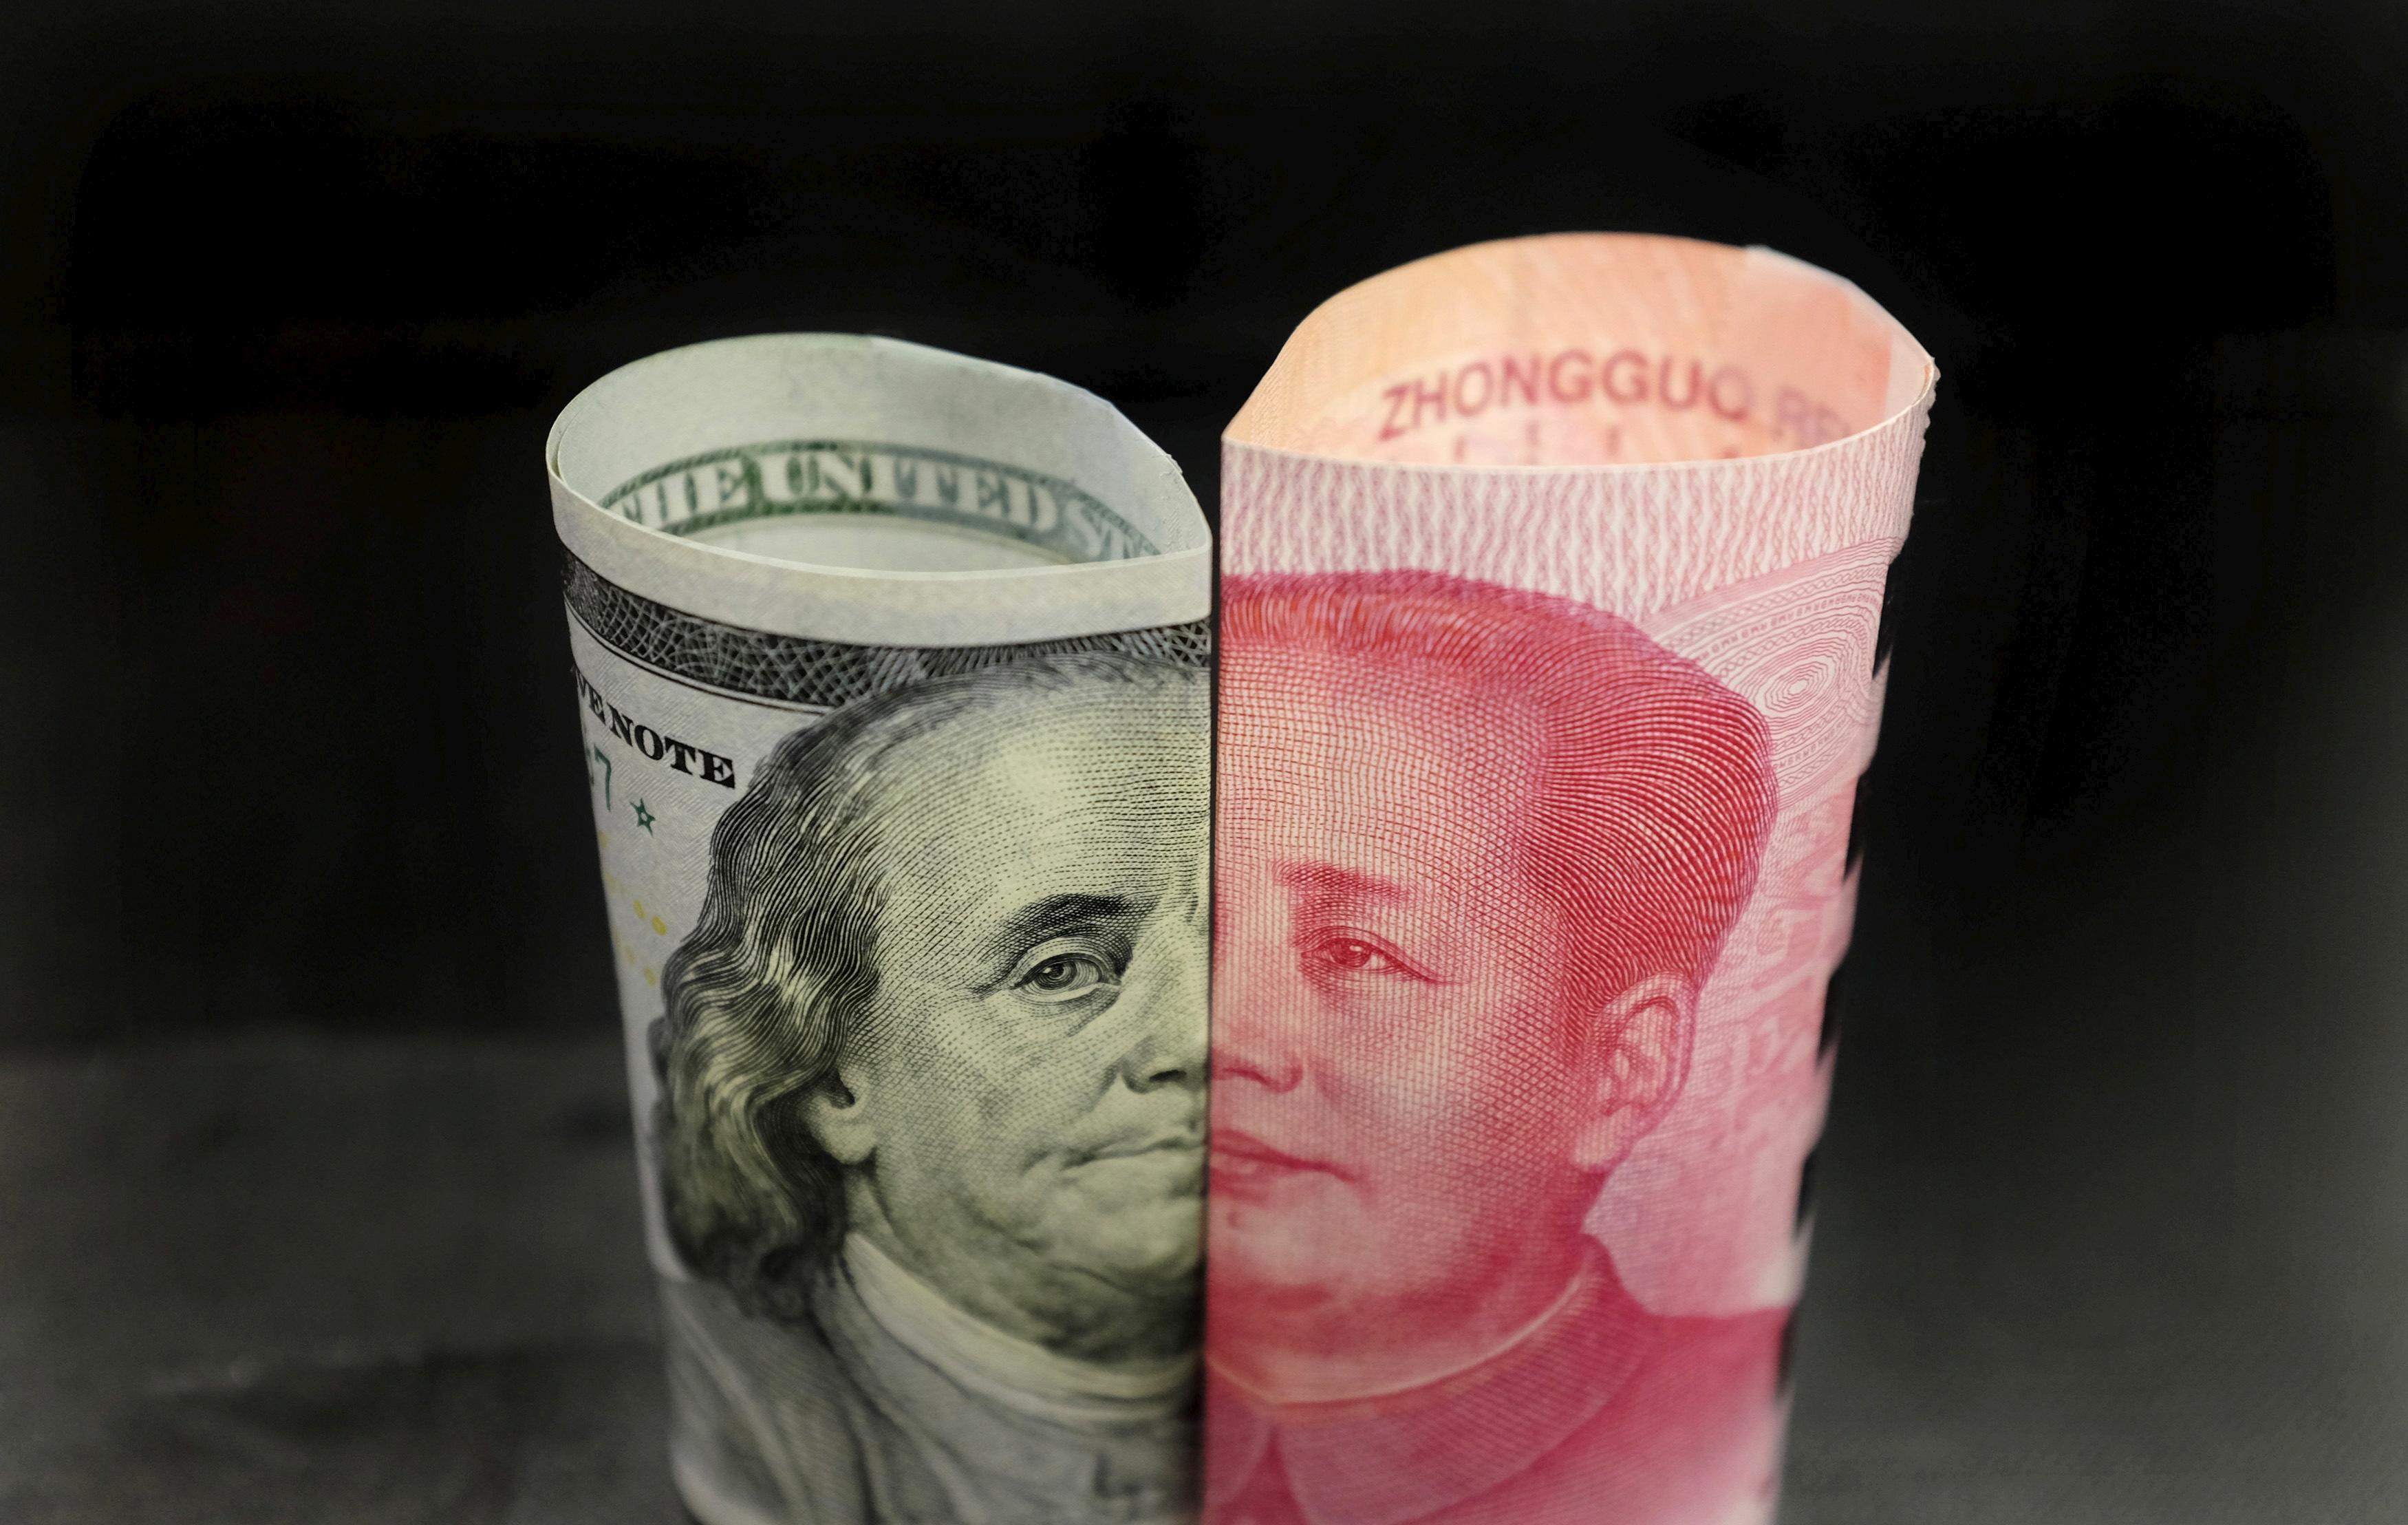 Les tarifs douaniers américano-chinois ramènent la croissance mondiale au plus bas depuis une décennie, selon le FMI